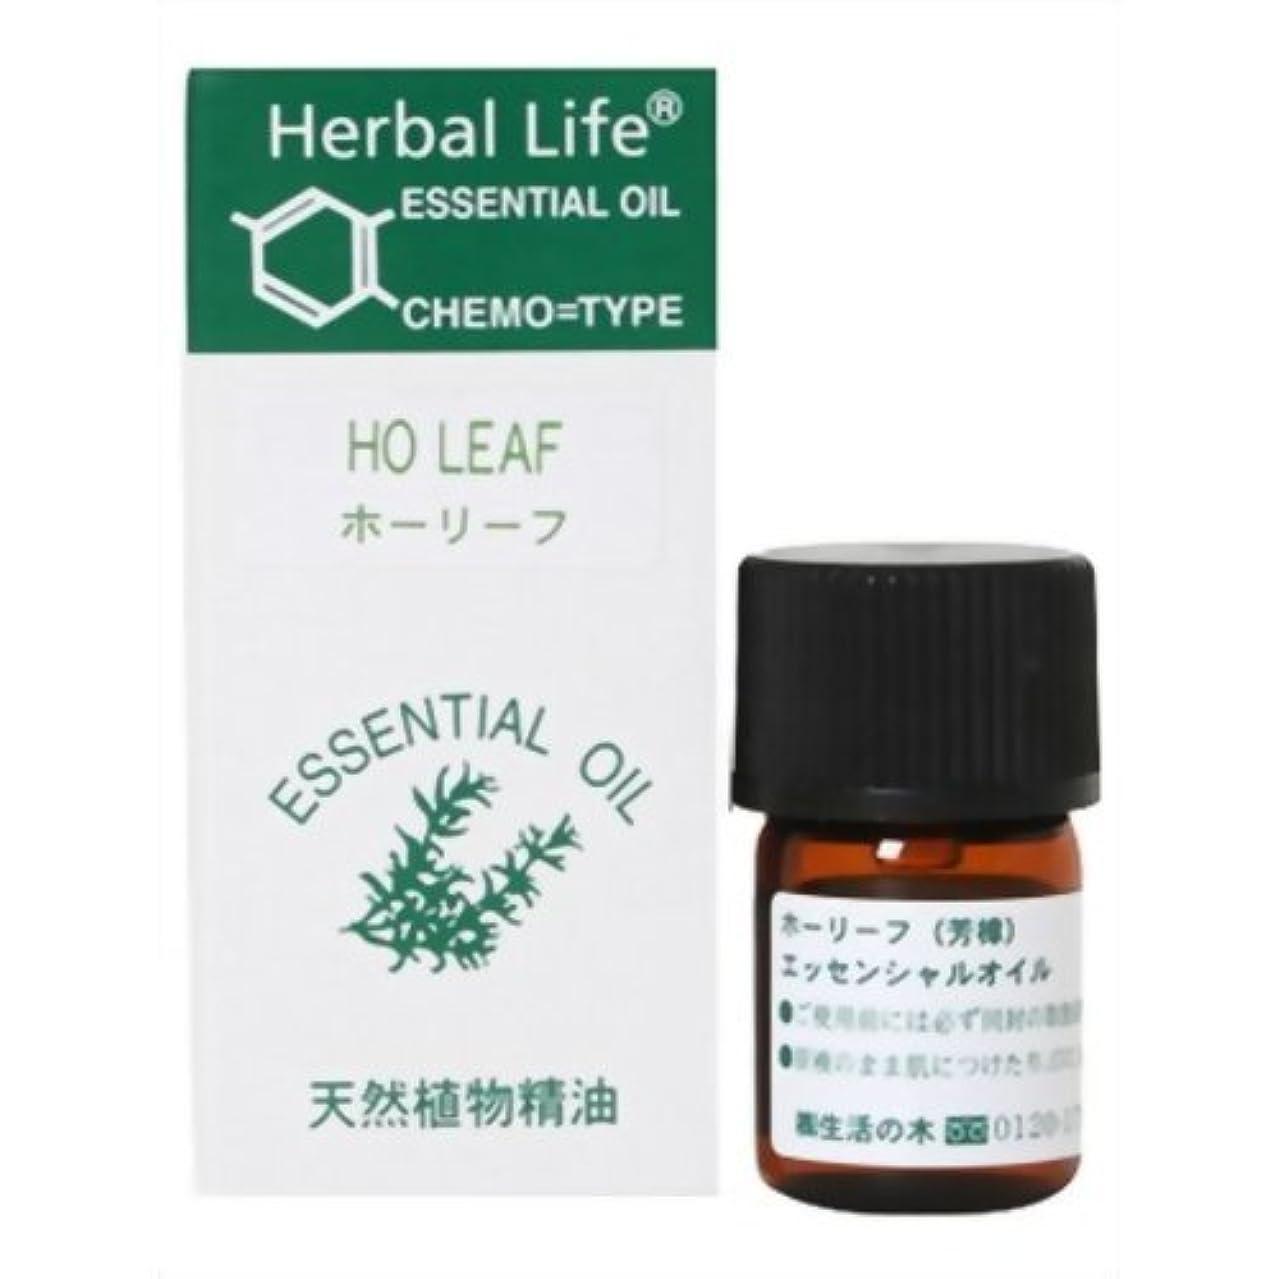 中止します差別農学生活の木 Herbal Life ホーリーフ 3ml